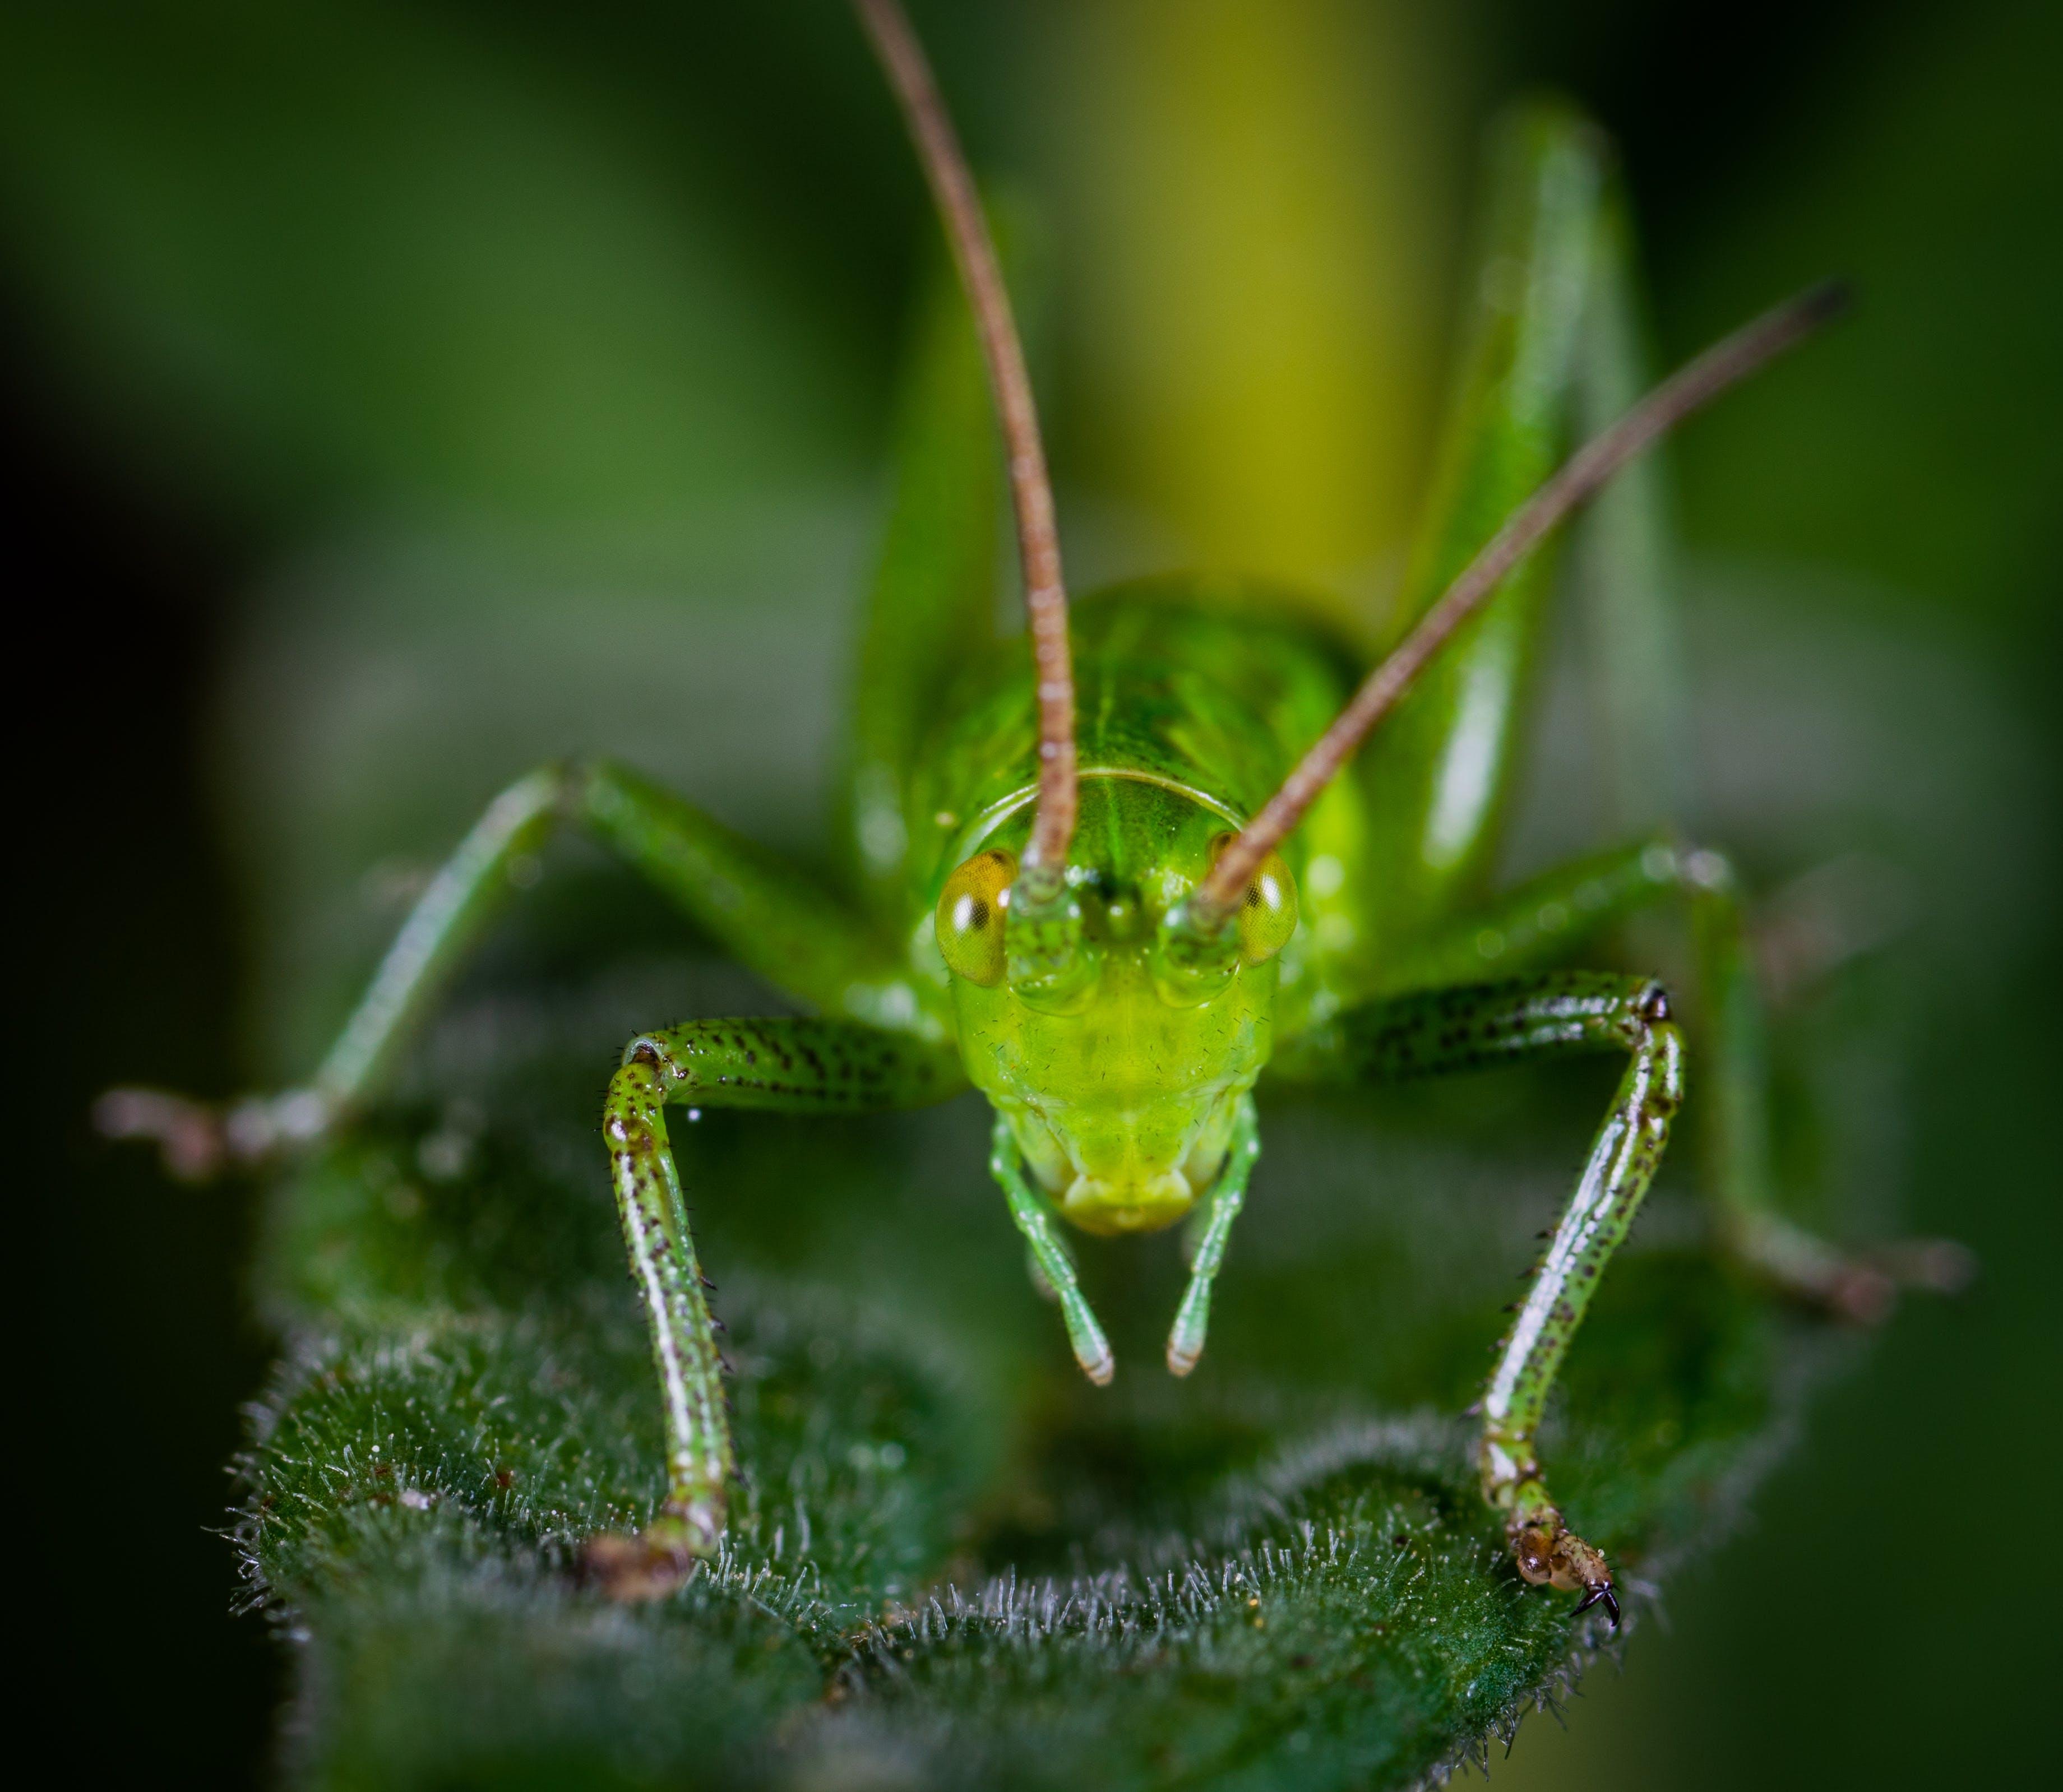 刺槐, 動物, 天性, 小 的 免费素材照片